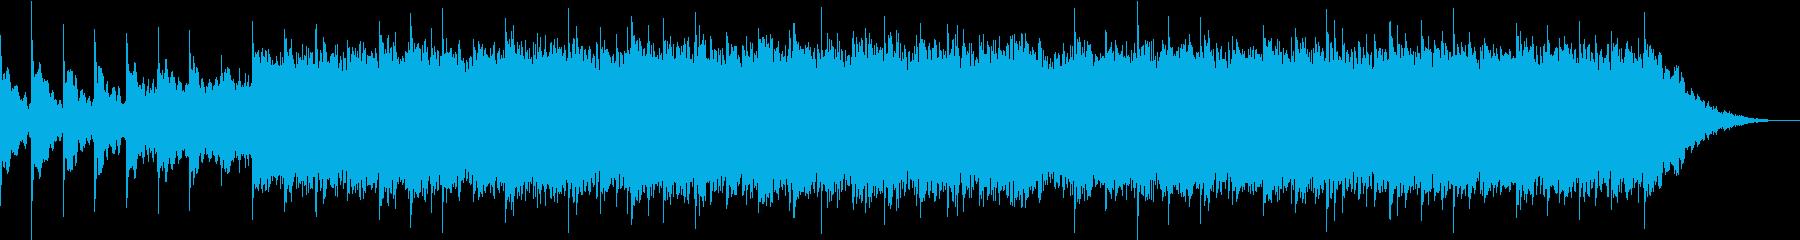 アンビエントなシンセサイザーとリズムの再生済みの波形